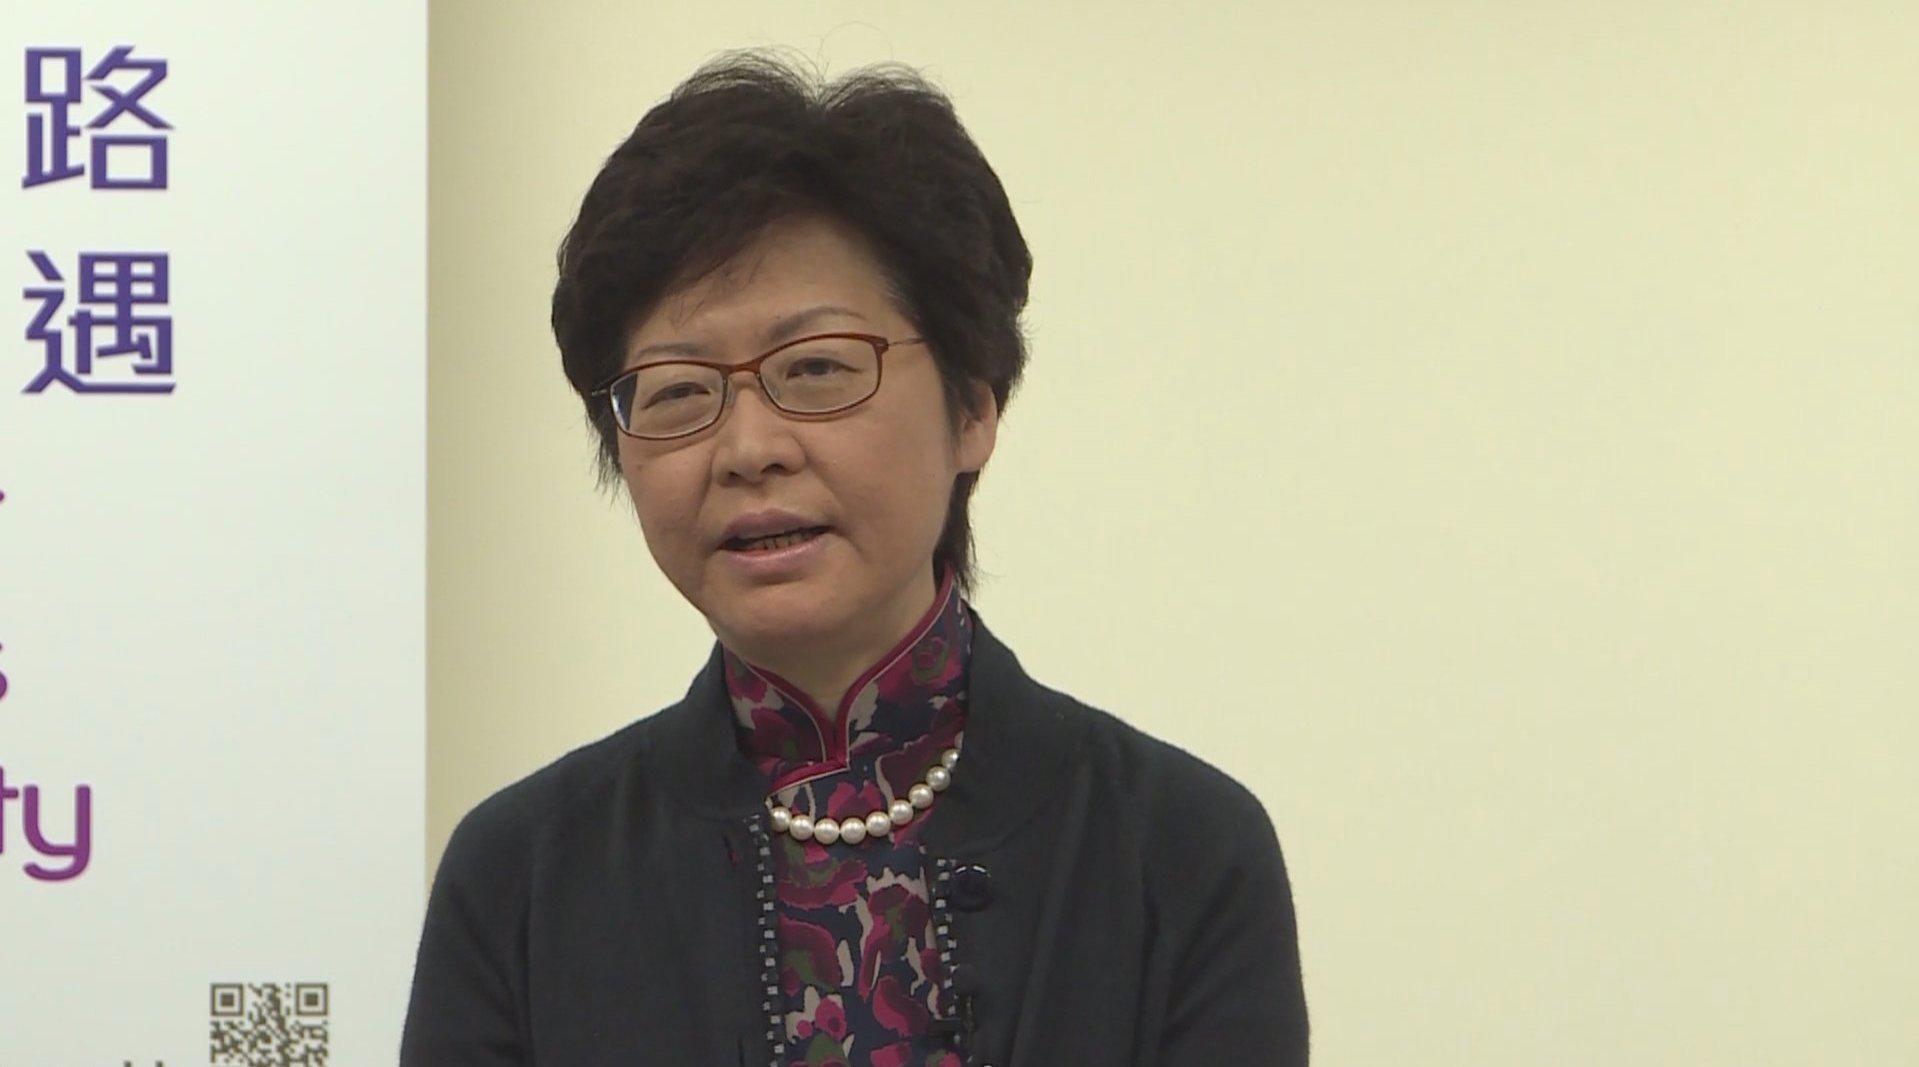 林郑月娥:有信心守住疫情 但香港经不起暴力折磨